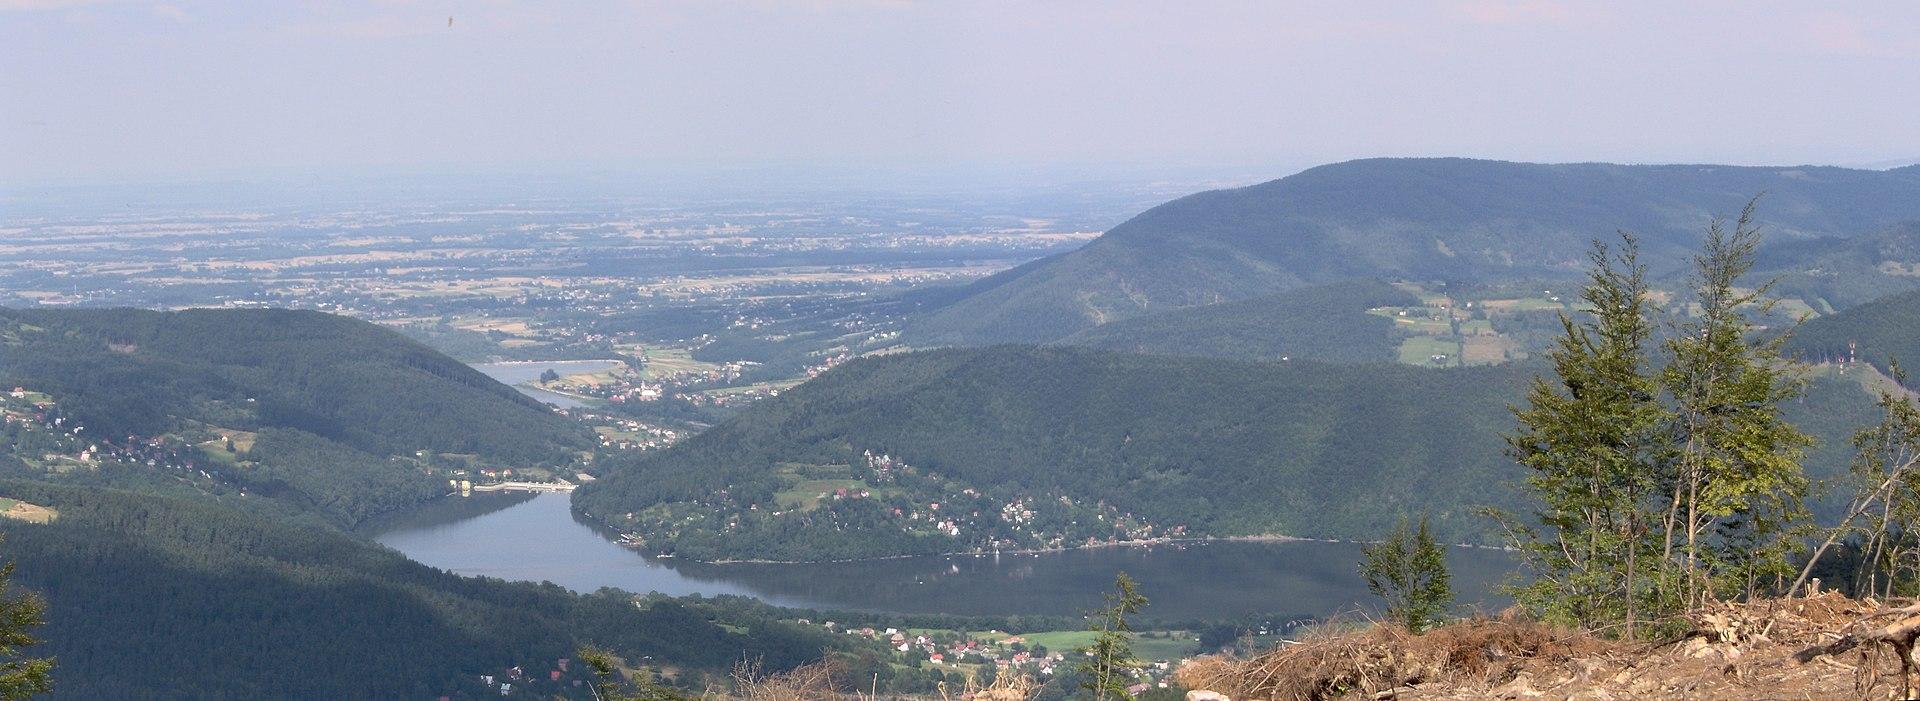 Widok na Jezioro Międzybrodzkie z góry Żar.